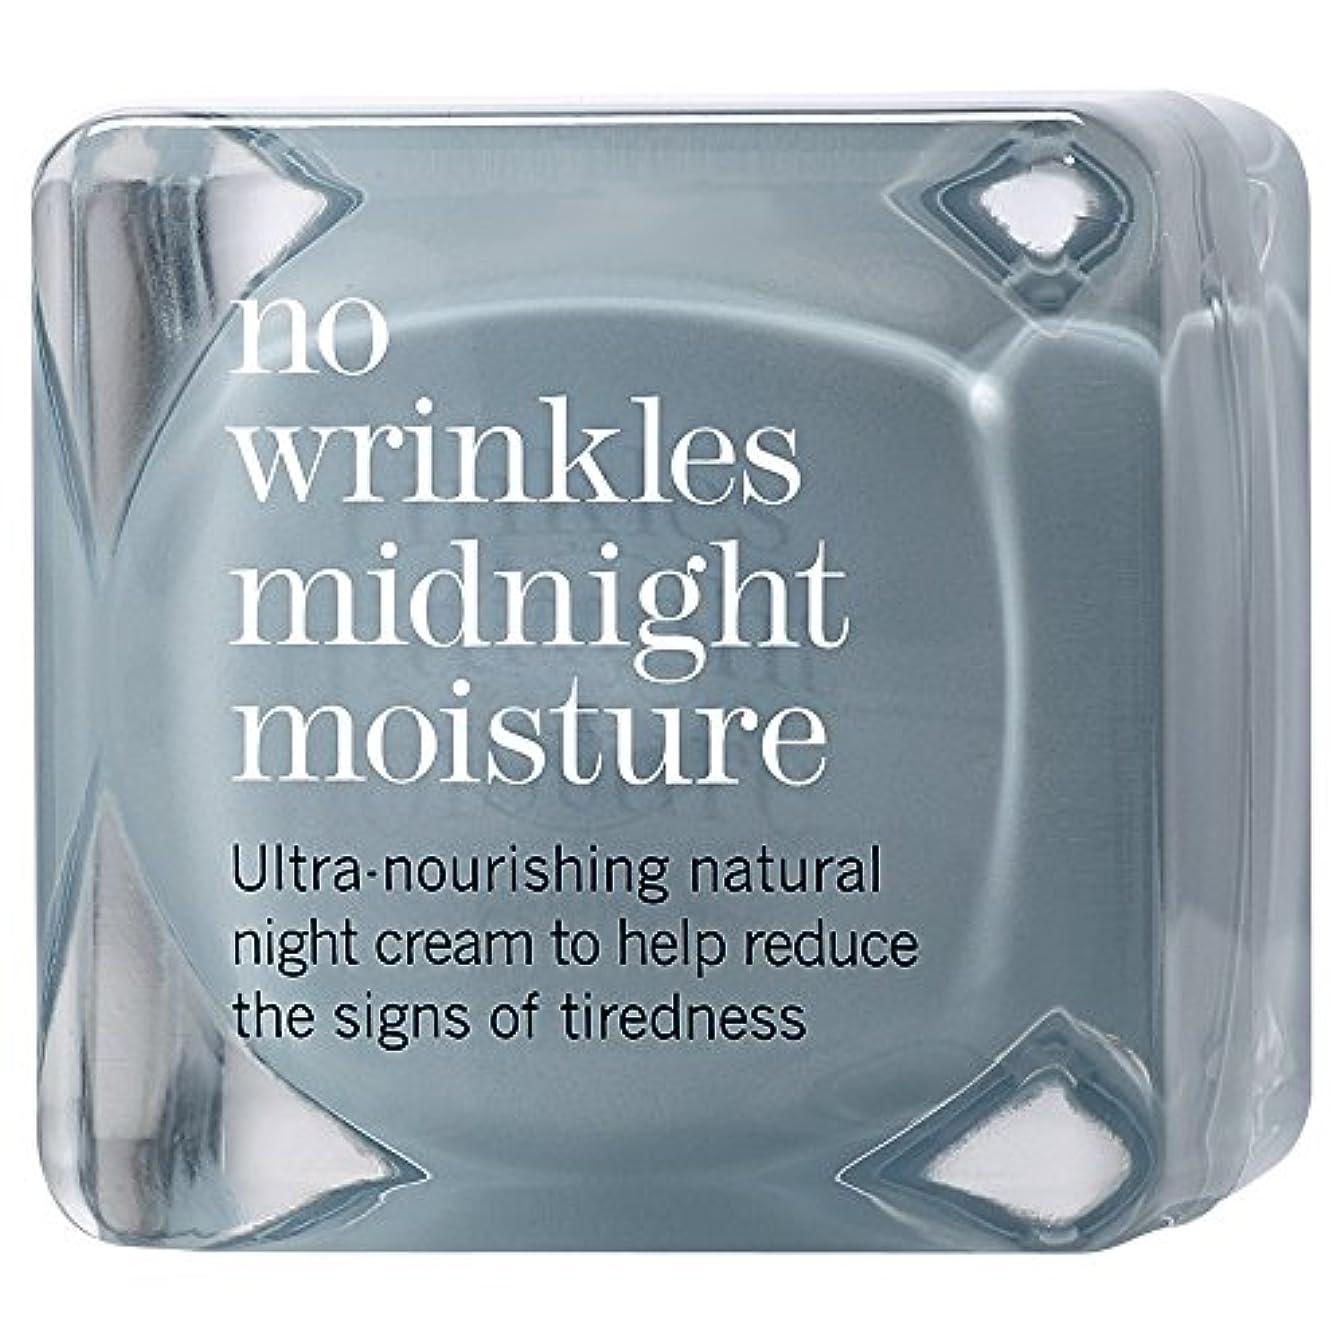 アーチ紀元前カプラーこれにはしわ真夜中の水分48ミリリットルの作品はありません (This Works) (x6) - This Works No Wrinkles Midnight Moisture 48ml (Pack of 6) [並行輸入品]